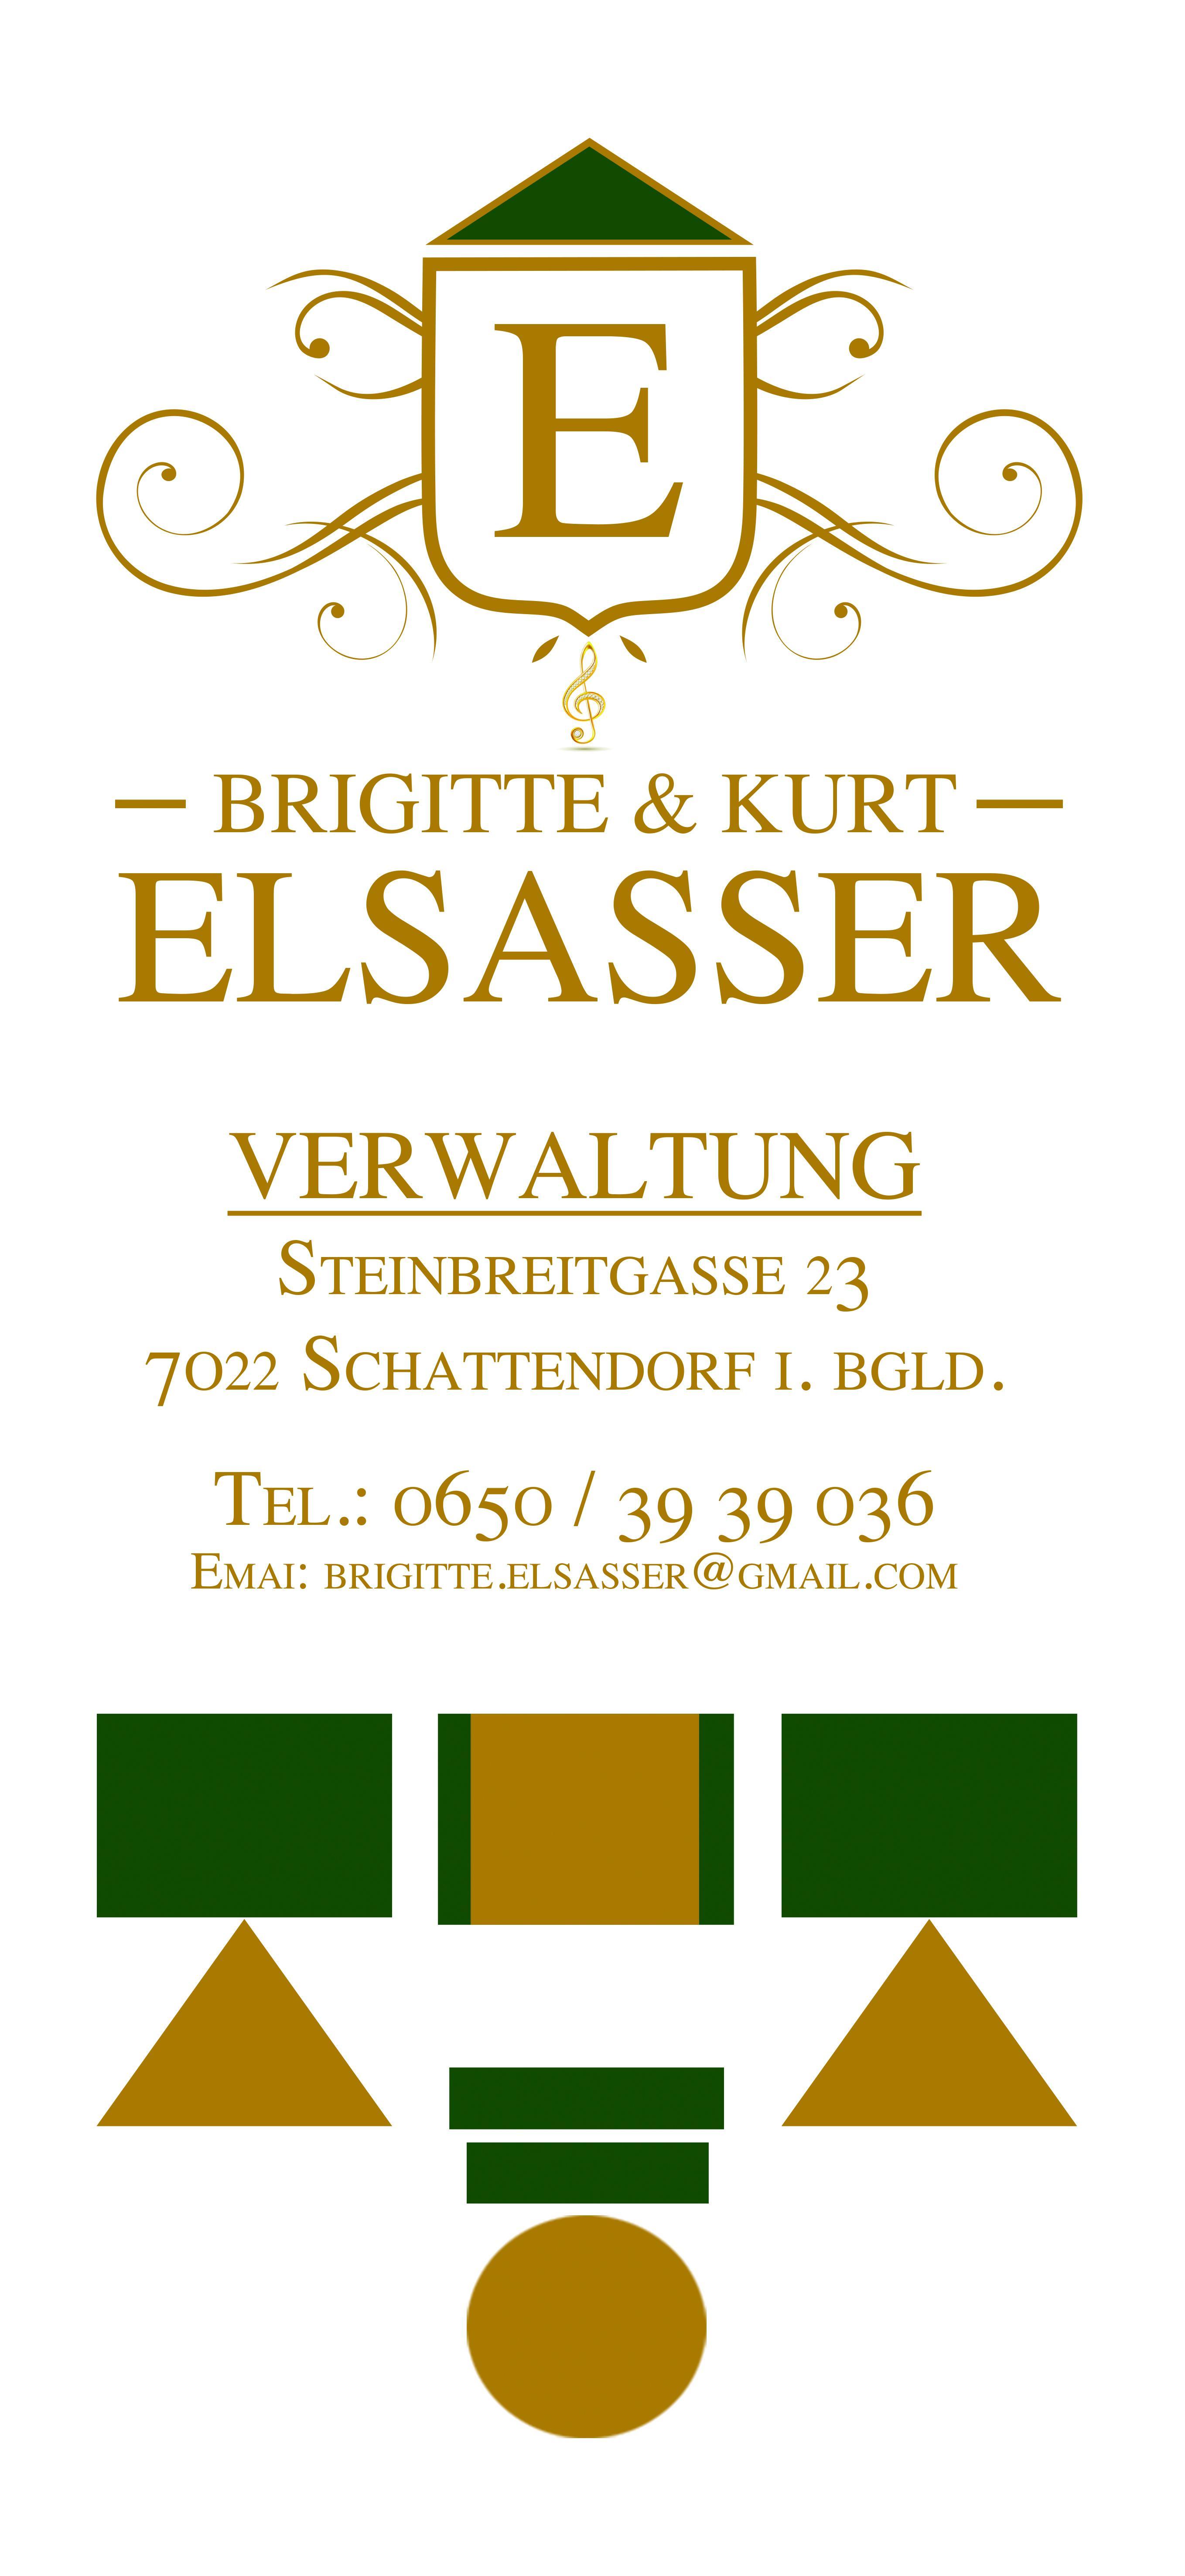 Elisabeth Grasl in Schattendorf im Telefonbuch finden - Herold